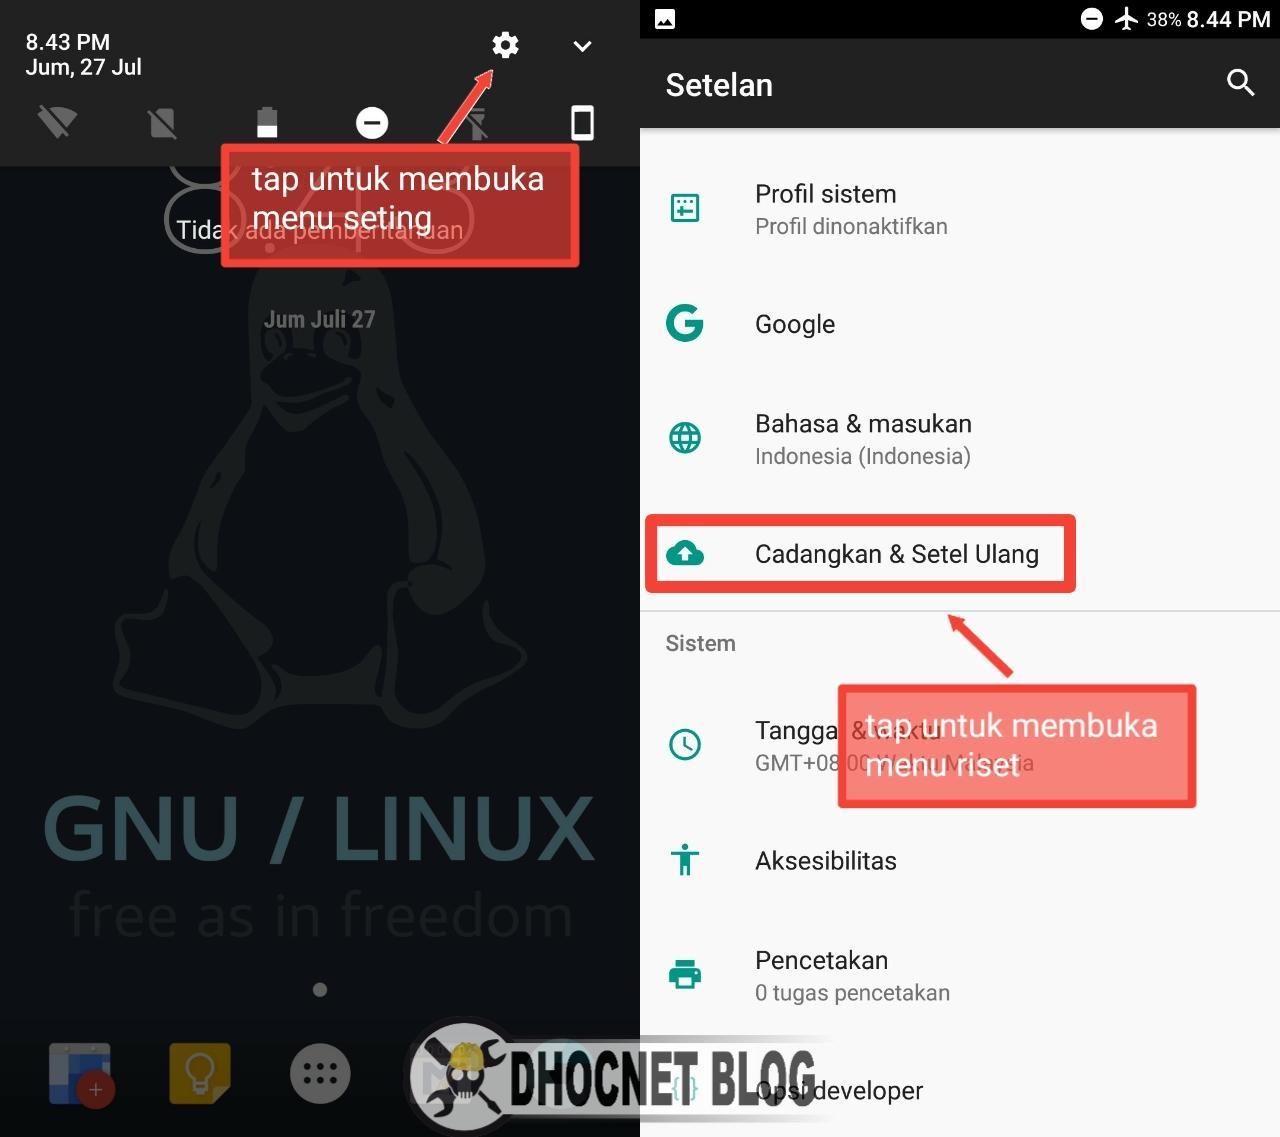 Cara Seting Ulang Ponsel Android